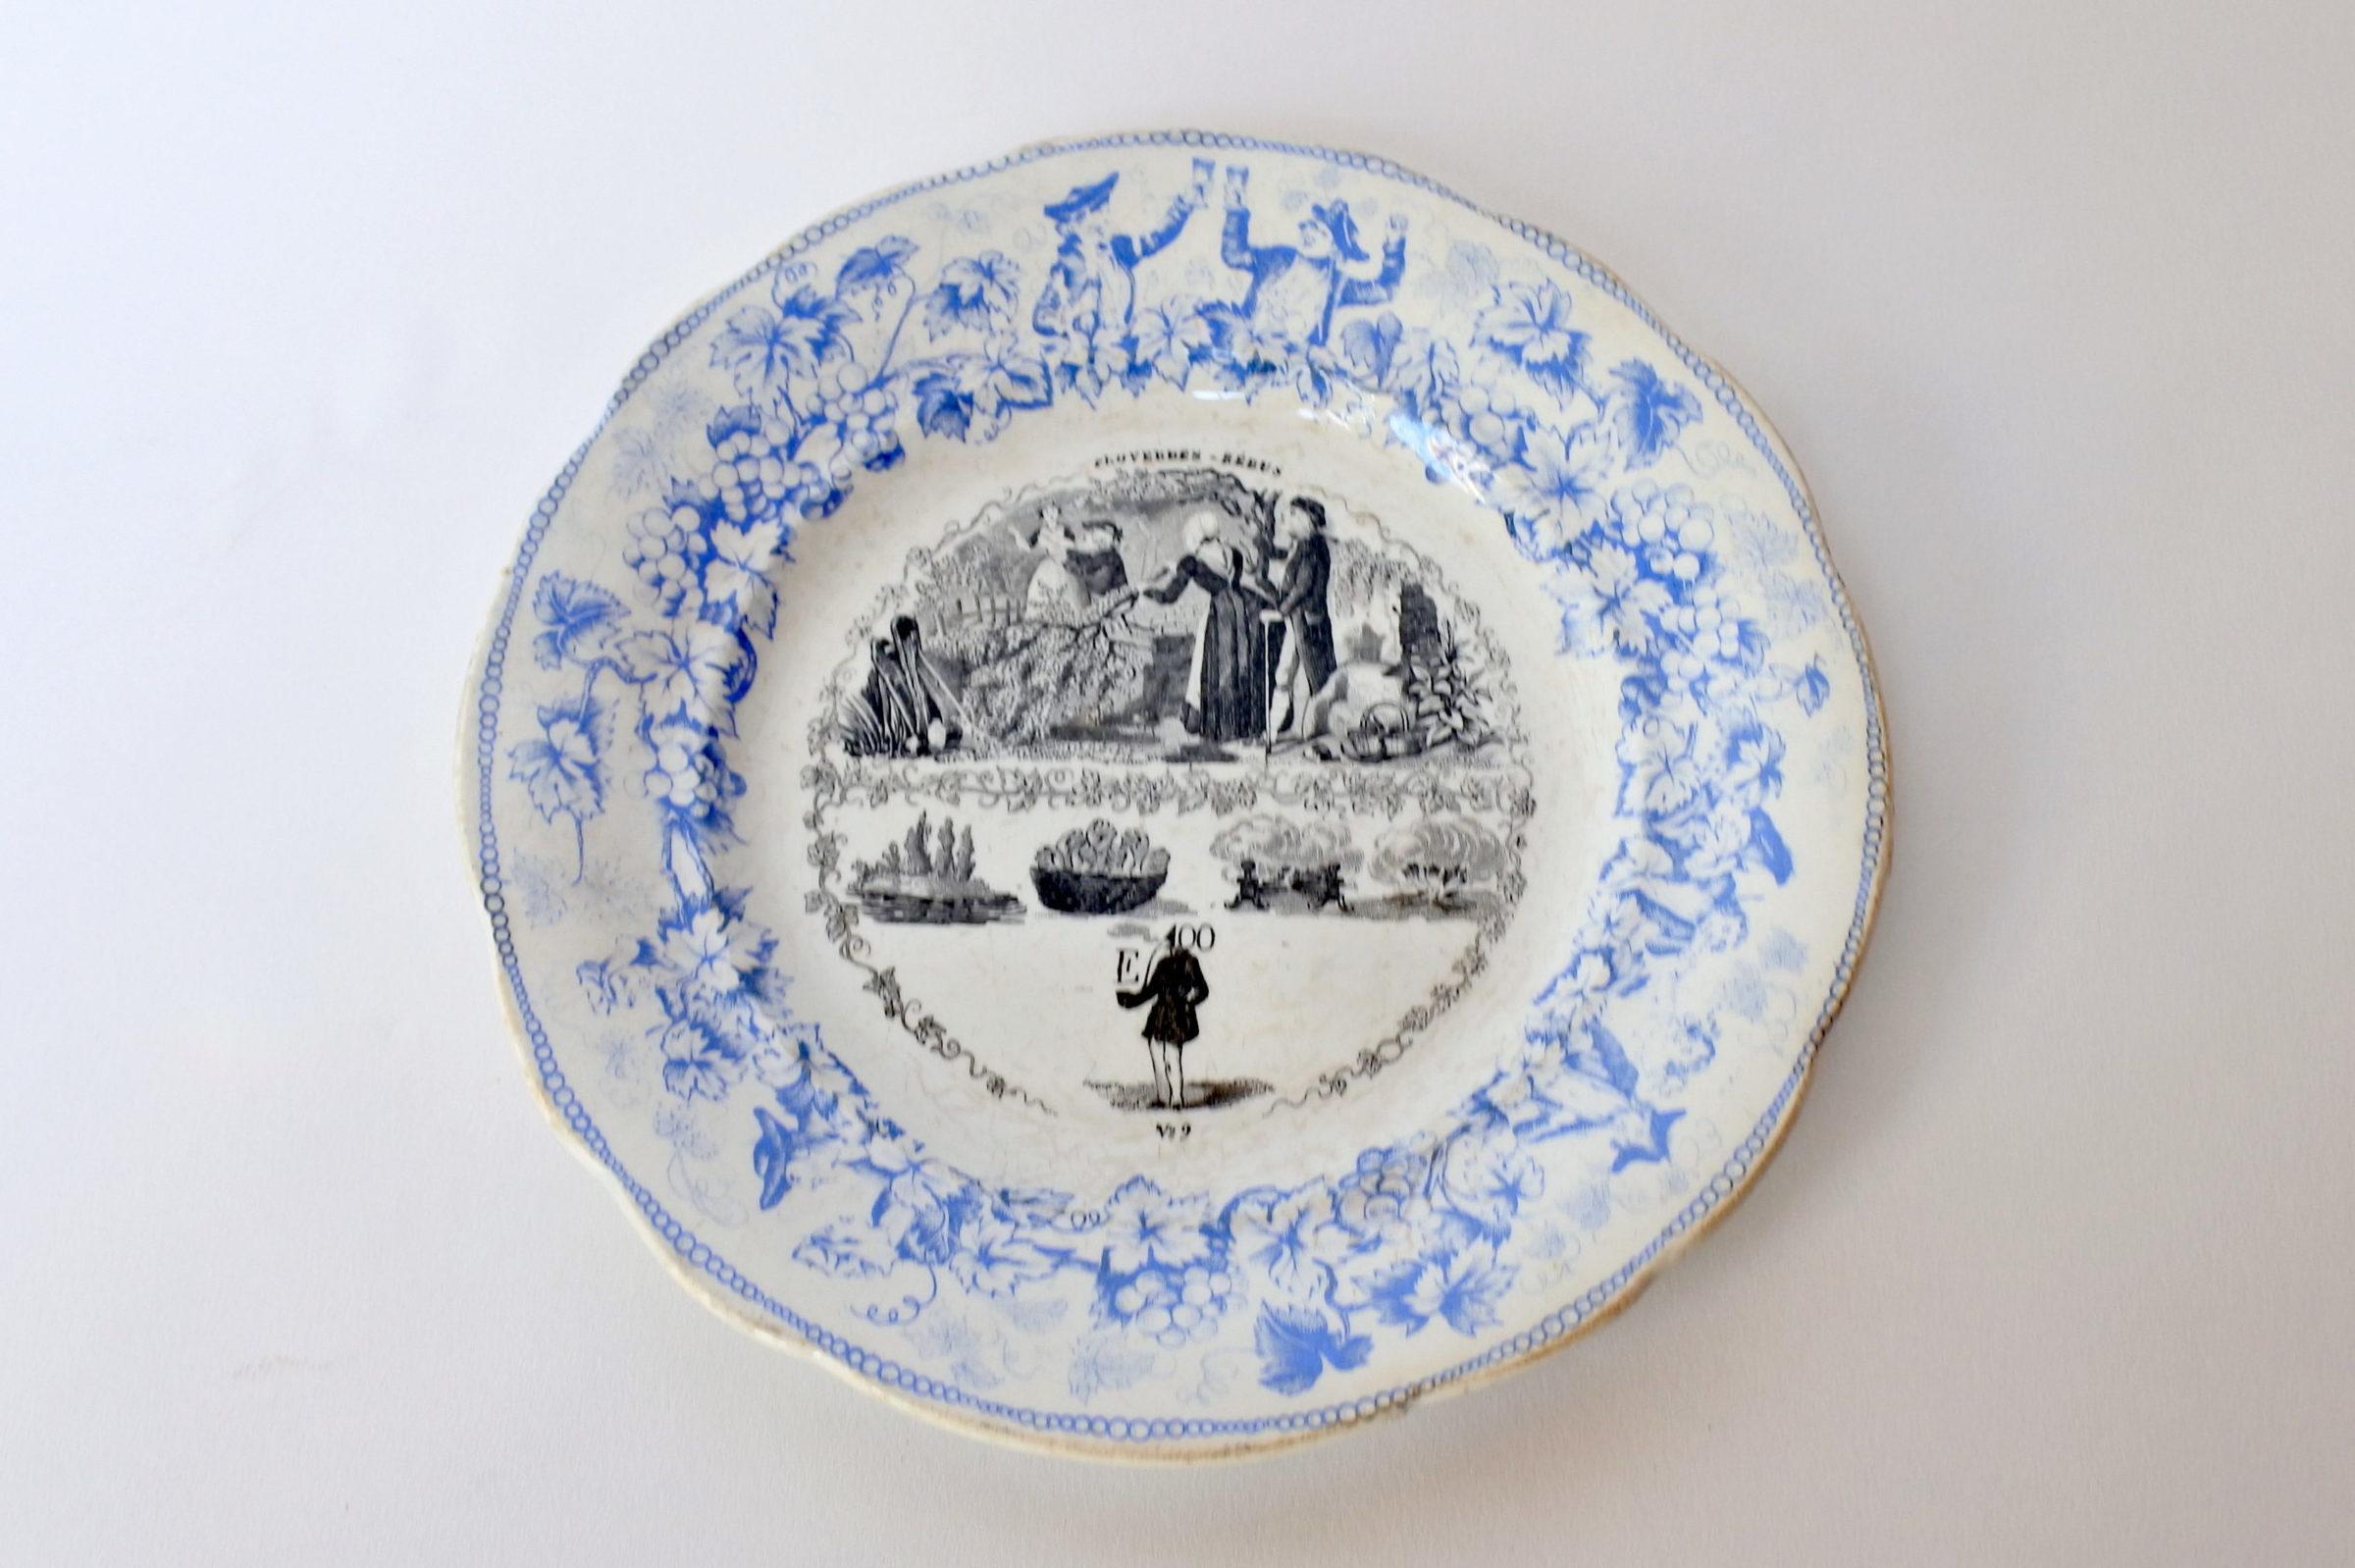 Piatto in ceramica con cornice blu decorato con rebus - decoro n° 9